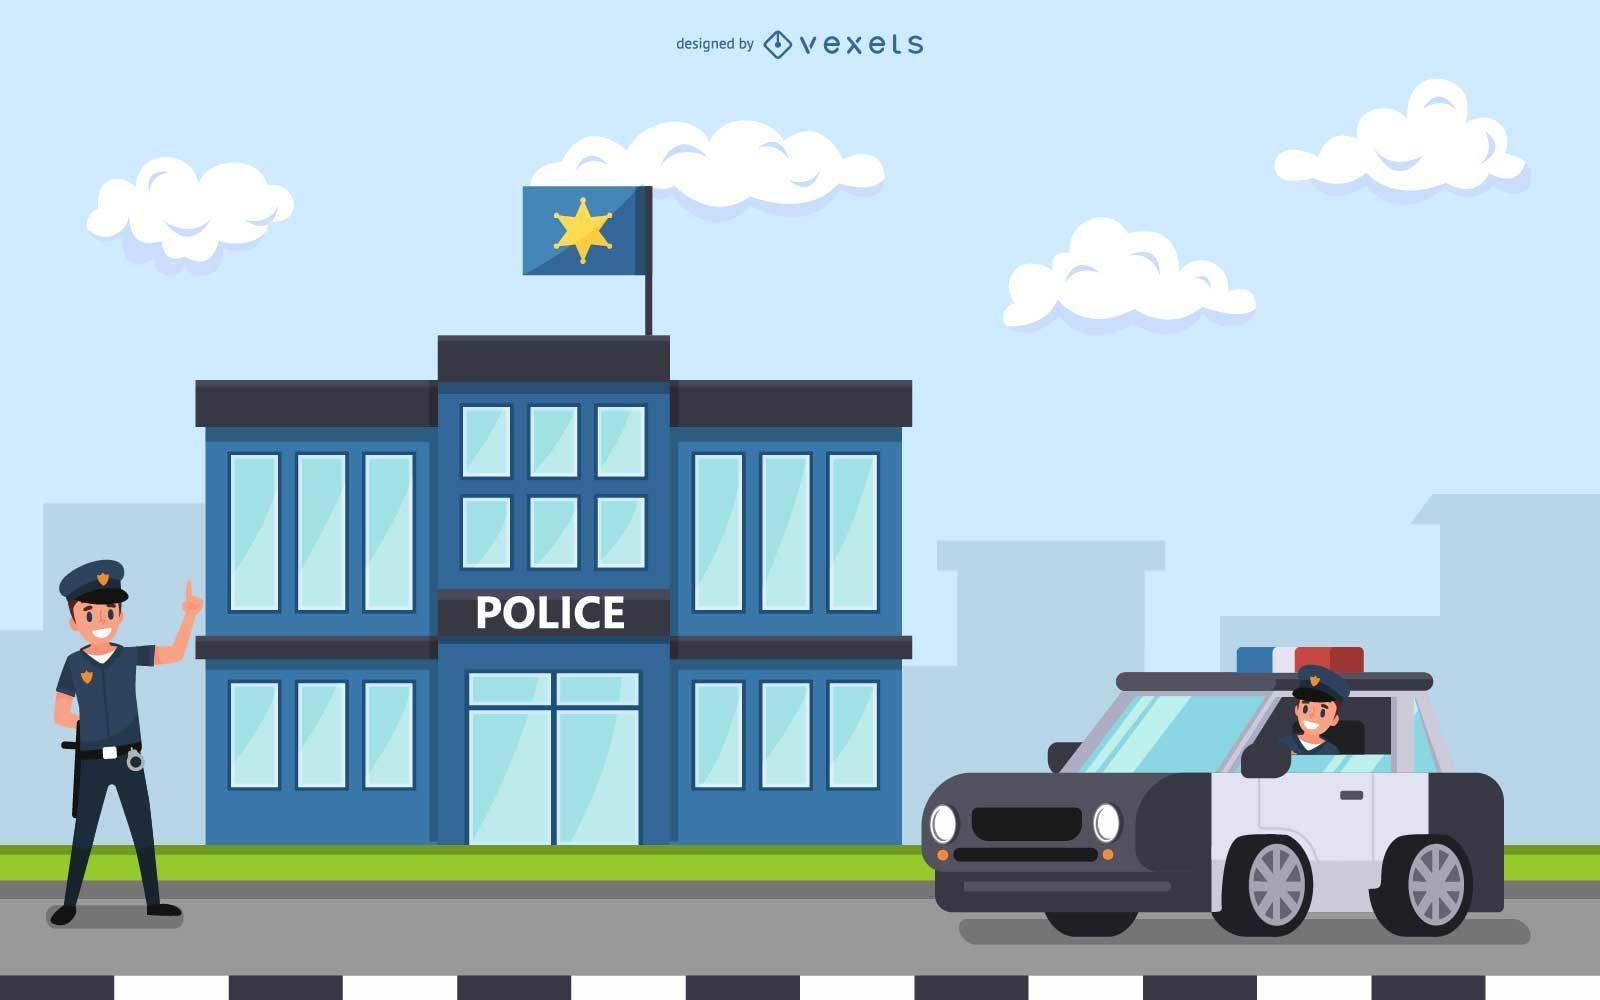 Diseño de ilustración de la estación de policía